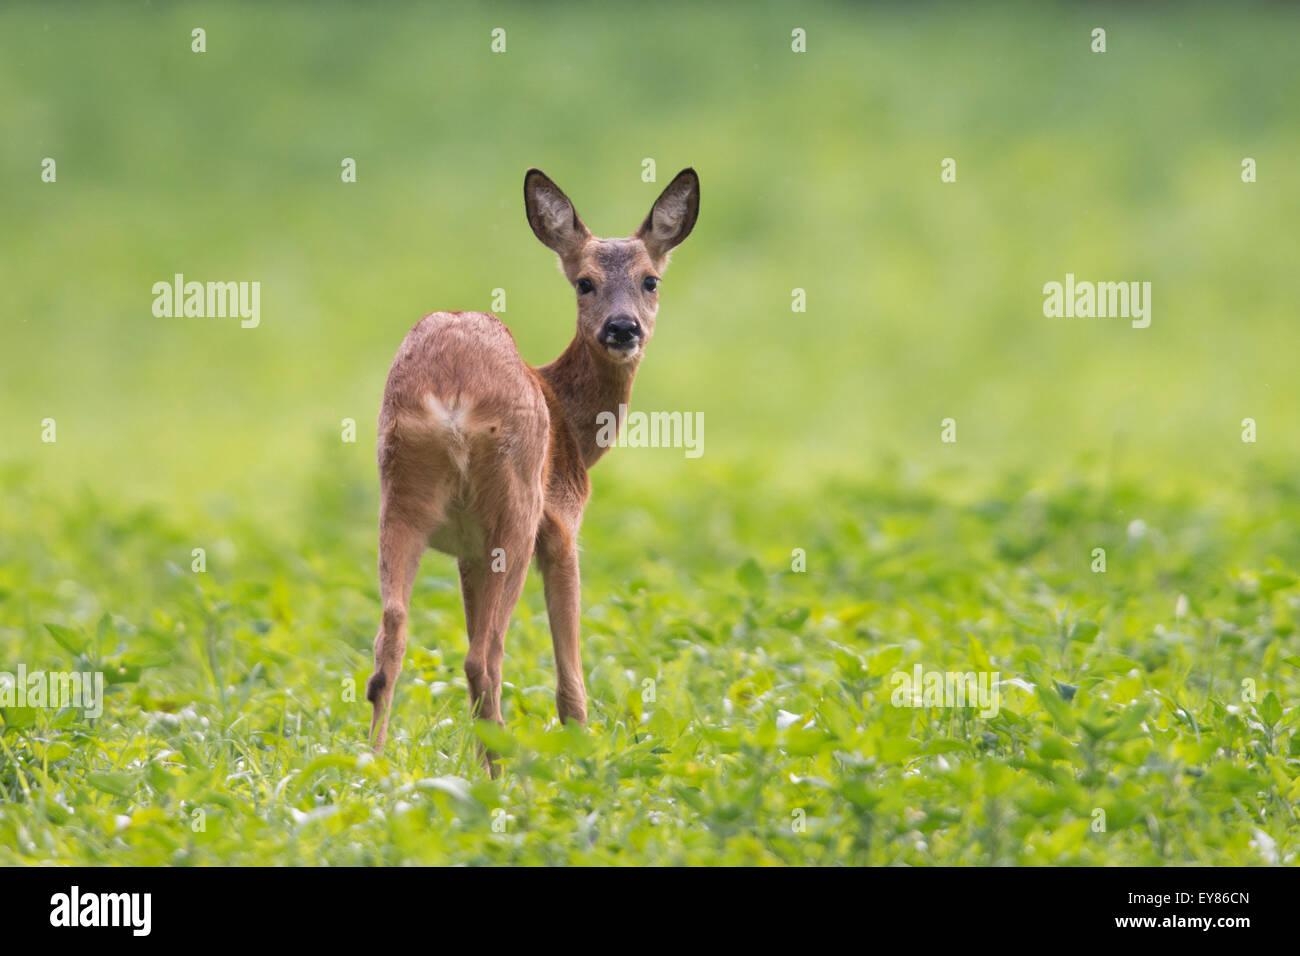 Il capriolo (Capreolus capreolus) in piedi nel campo verde, Emsland, Bassa Sassonia, Germania Immagini Stock